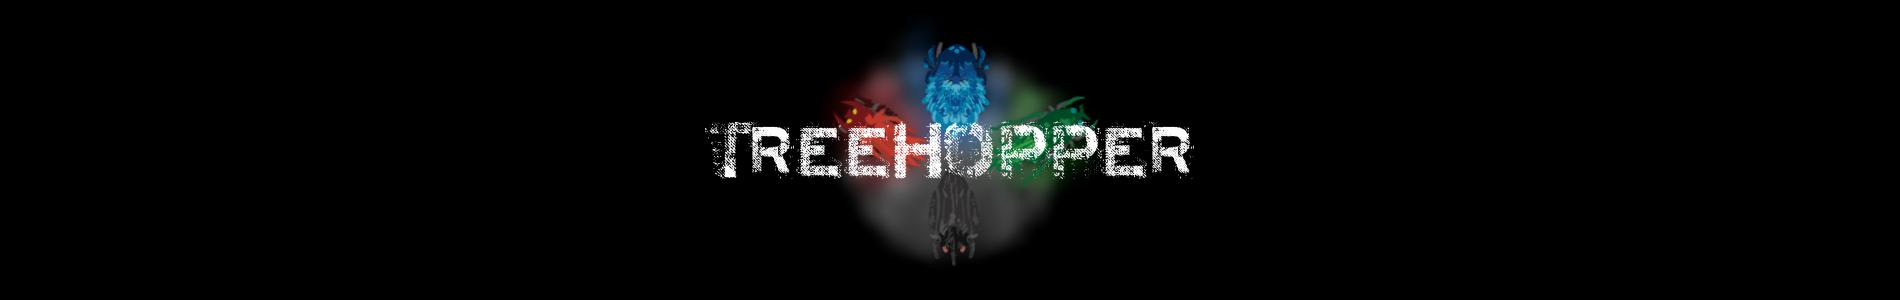 TreeHopper: Chromatic Defense